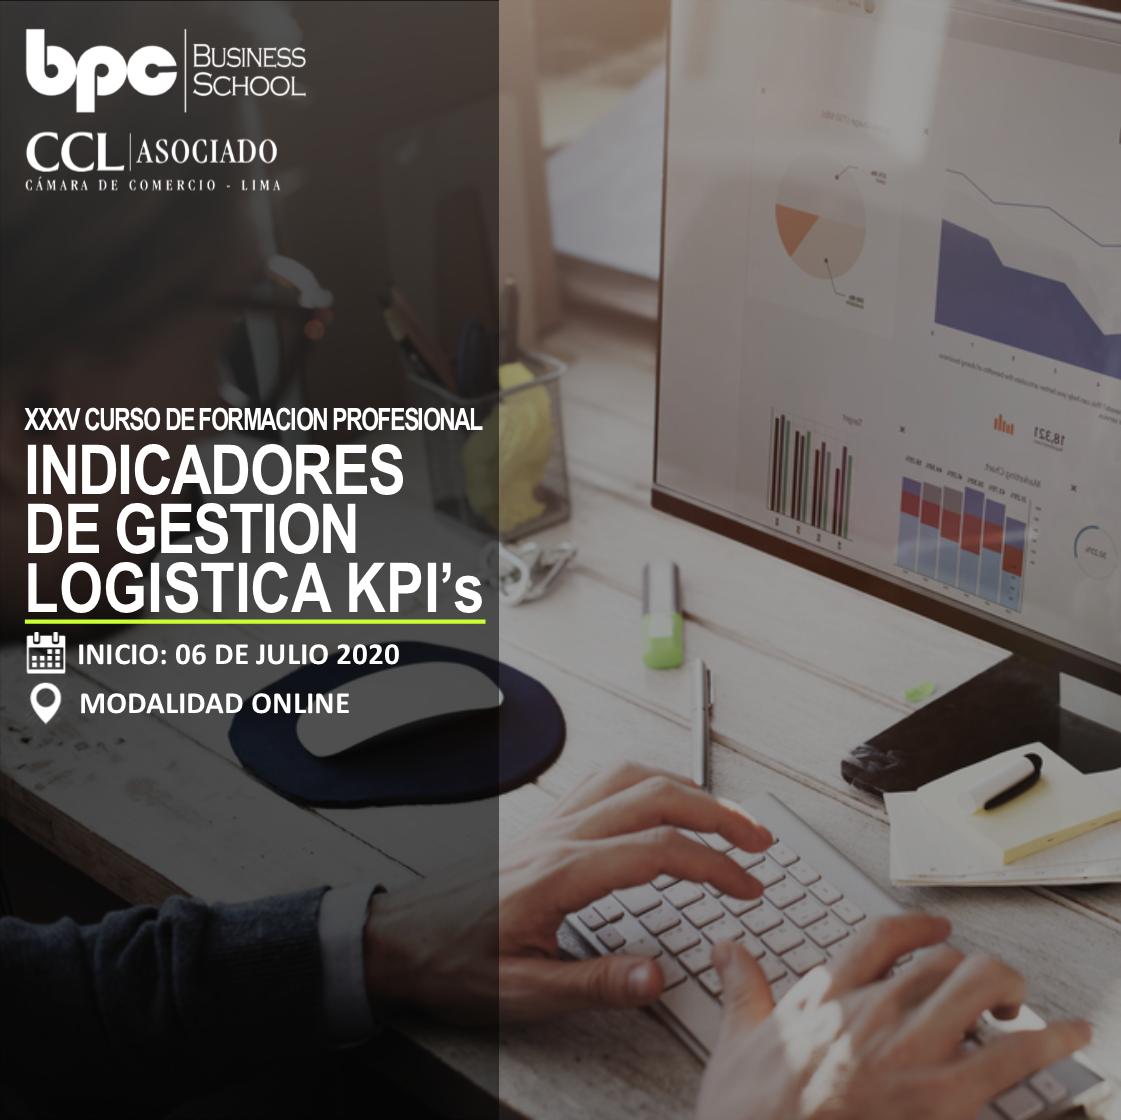 XXXV Curso de Indicadores de Gestión Logística KPI's